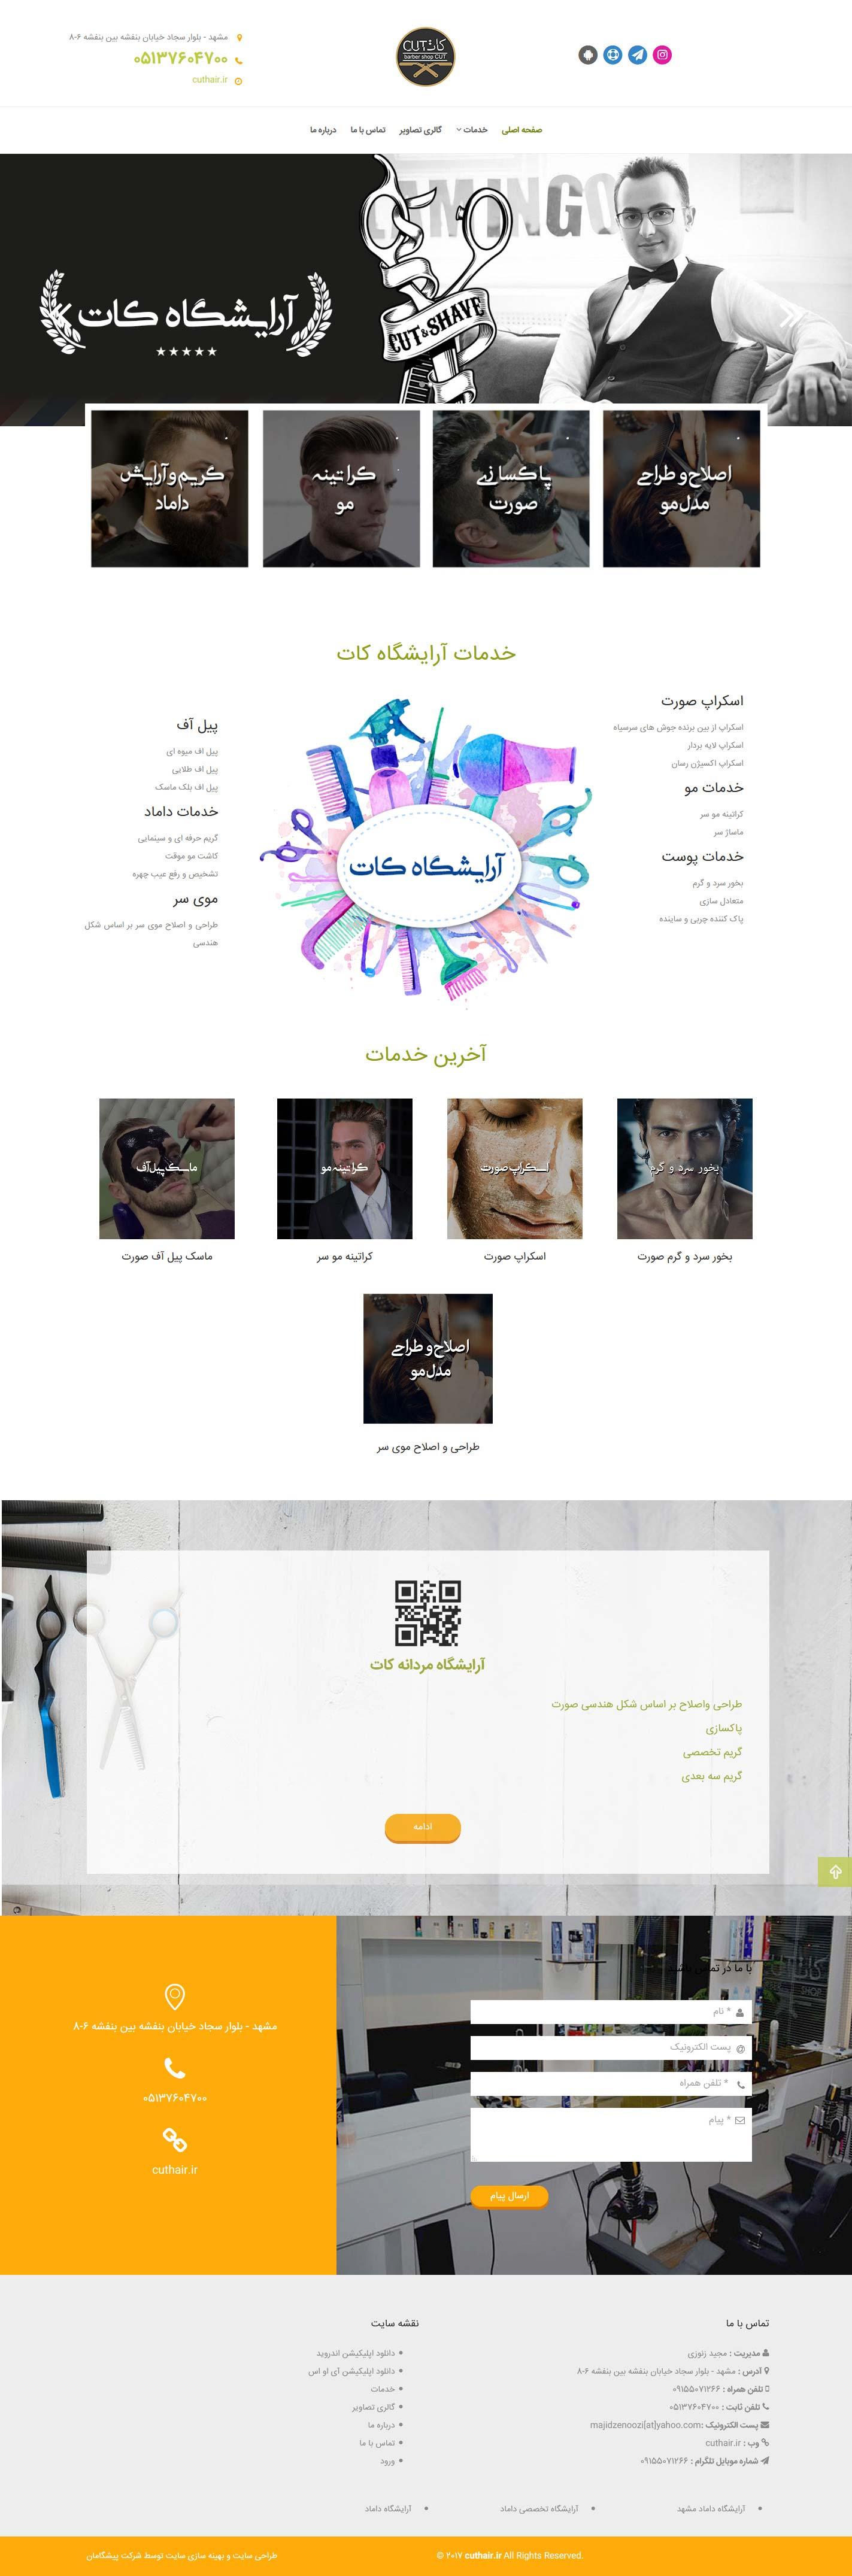 طراحی سایت آرایشگاه داماد